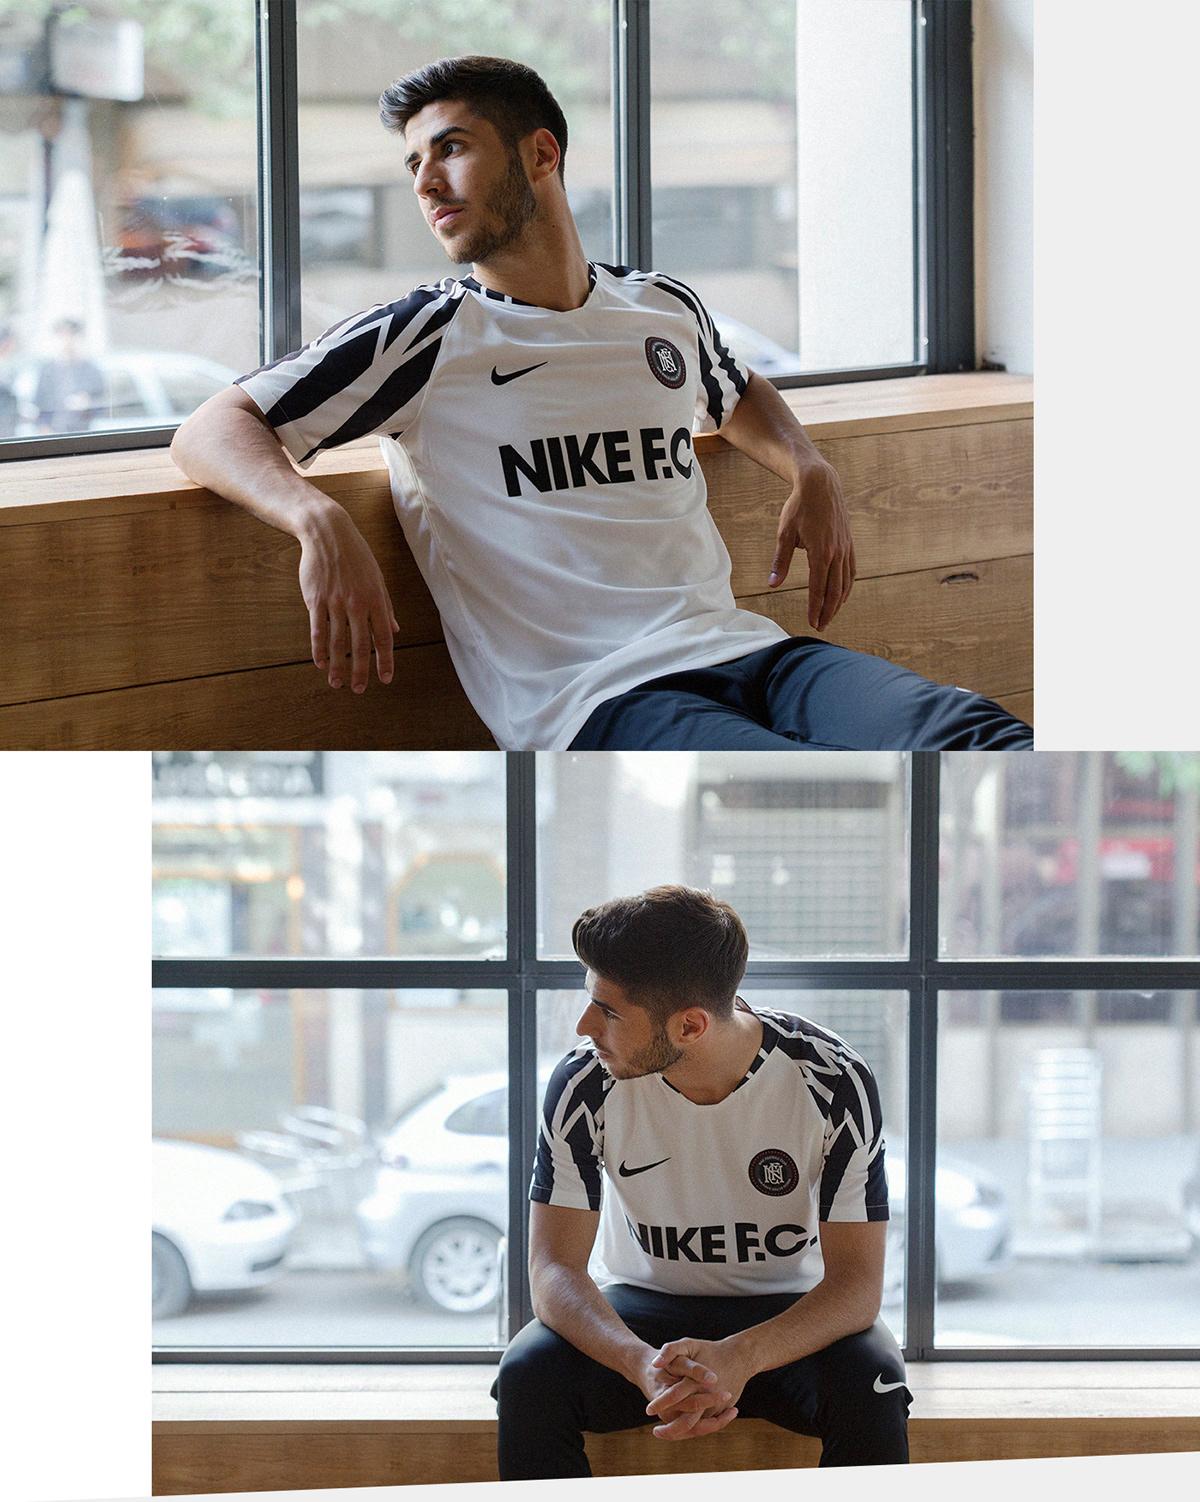 belleza tienda del reino unido sitio web para descuento Nike FC SS18 - Marco Asensio Photoshoot on Pantone Canvas ...